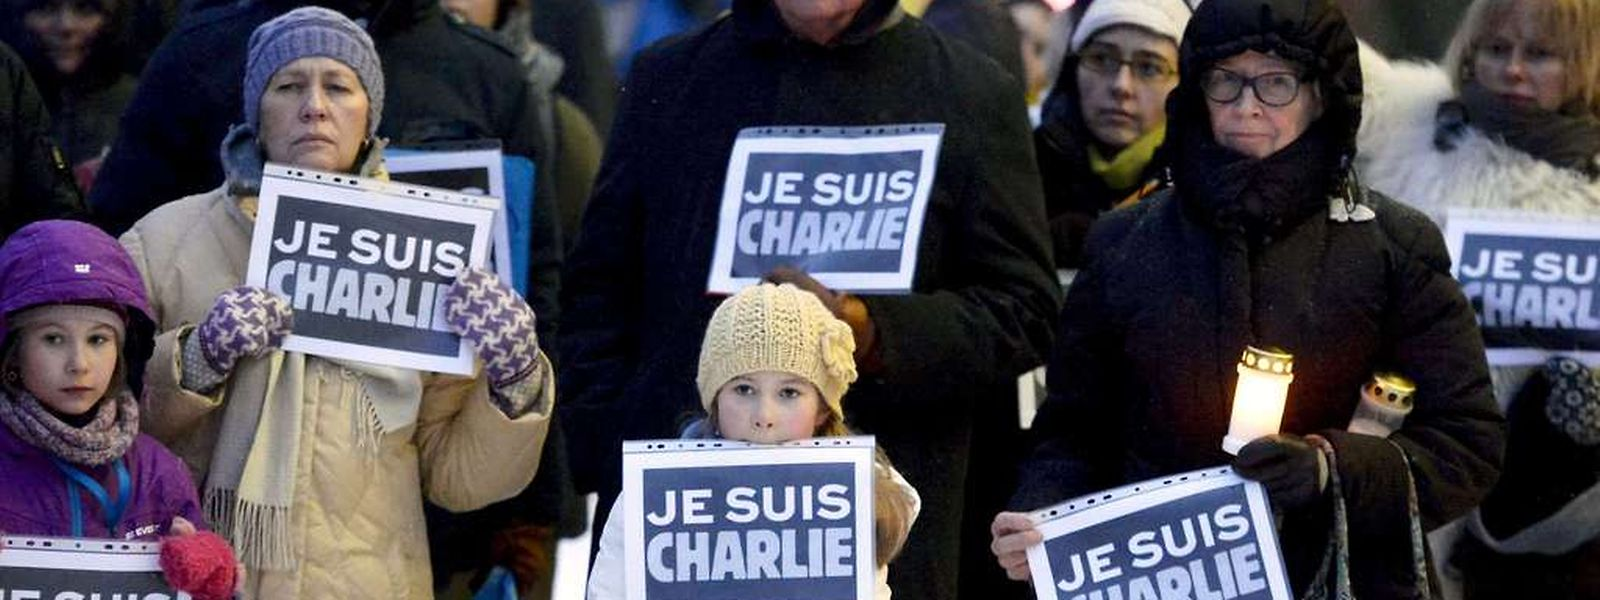 """Schilder mit der Aufschrift """"Je suis Charlie"""" waren überall auf der ganzen Welt in den Medien zu sehen. Der Schöpfer der Grafik hat davon nichts."""